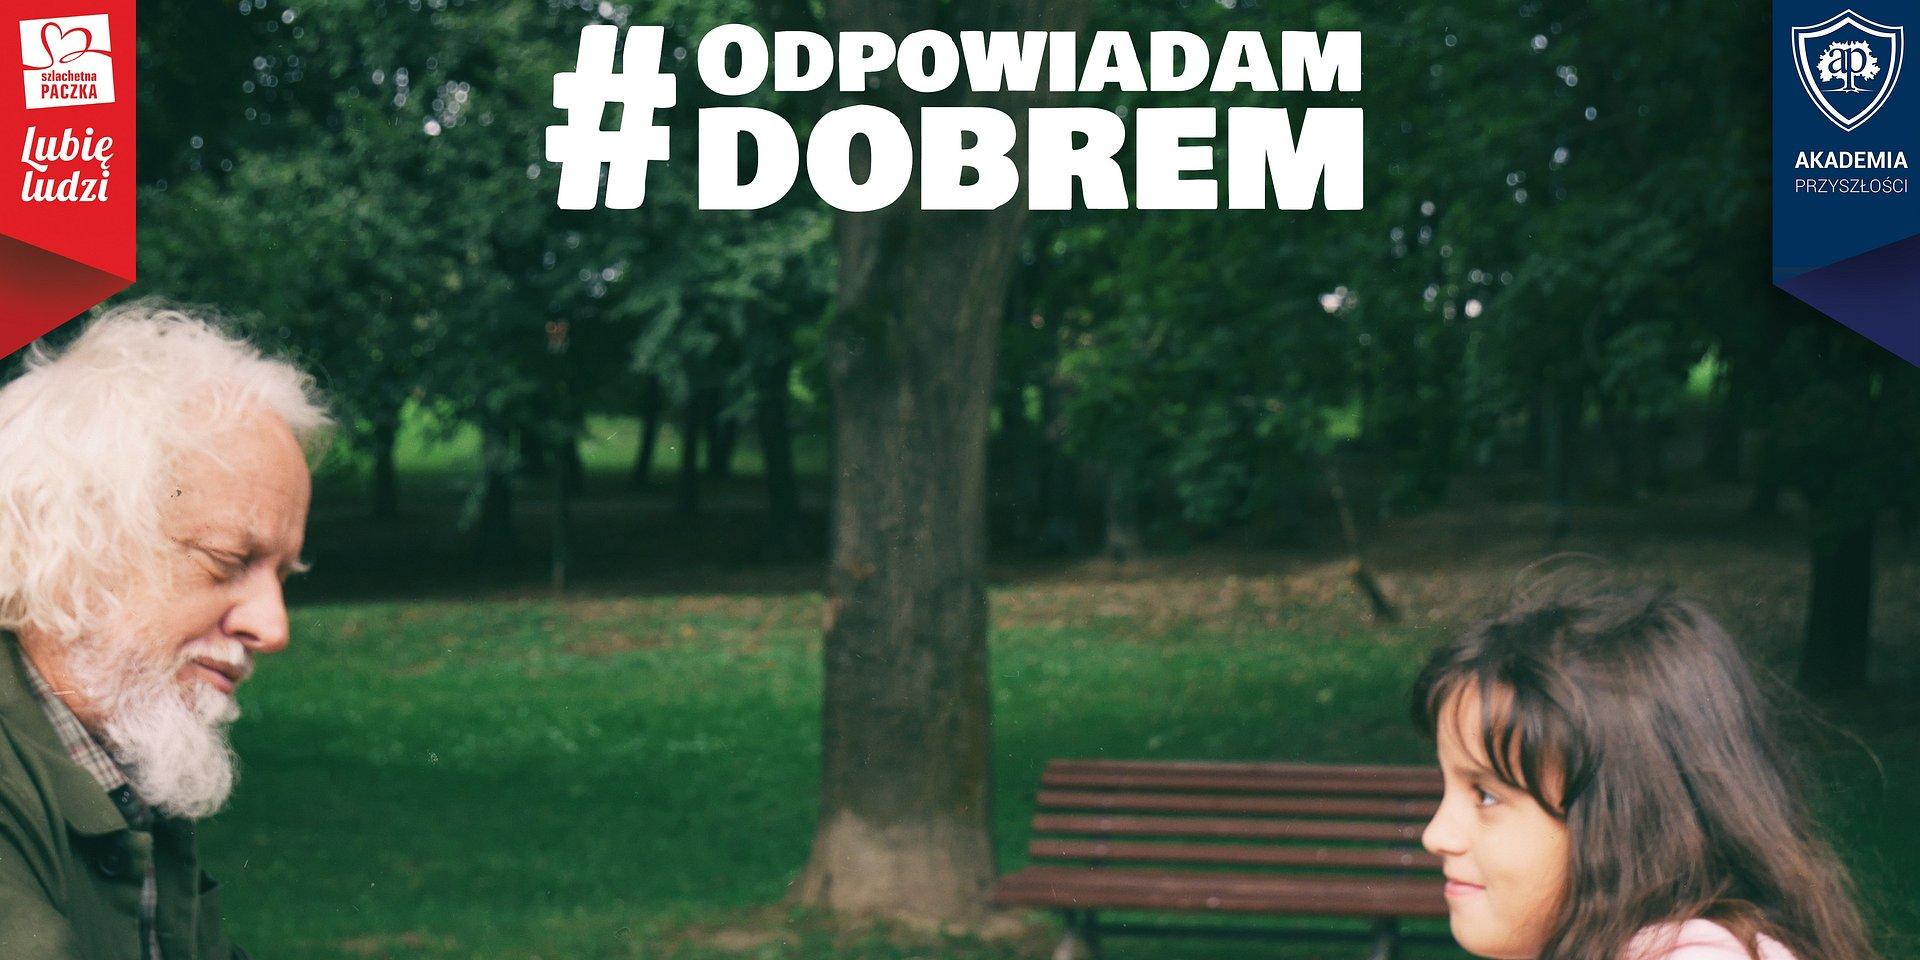 Weekendem Dobra w 16 miastach rozpoczęła się kampania społeczna #OdpowiadamDobrem